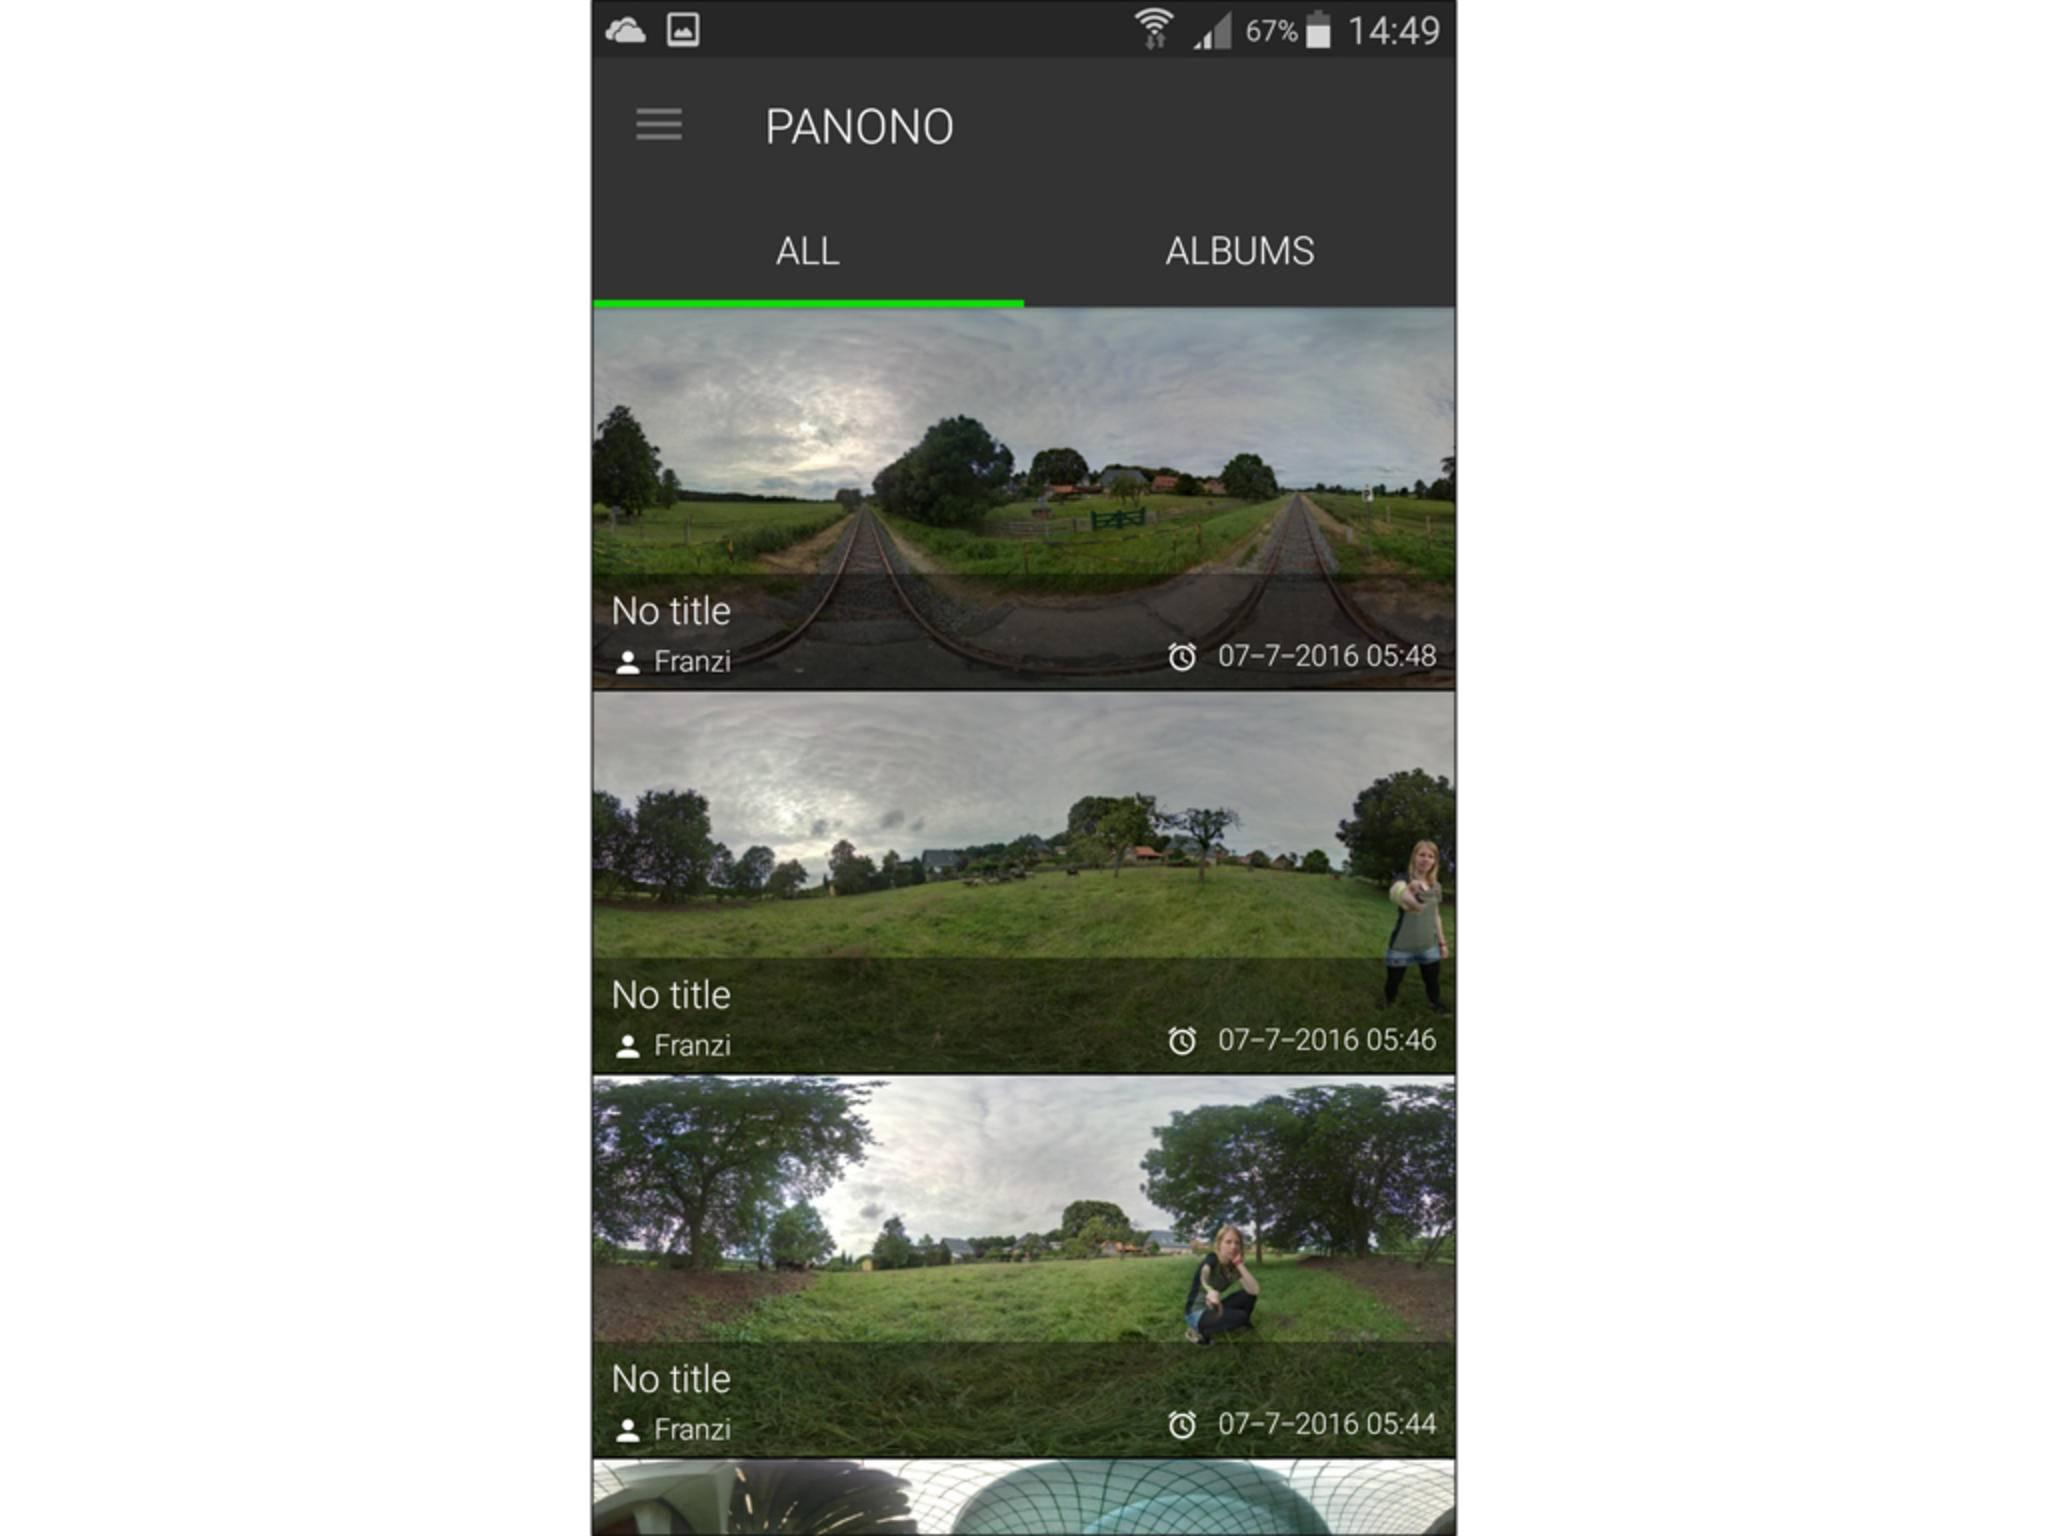 Panono Camera App 5